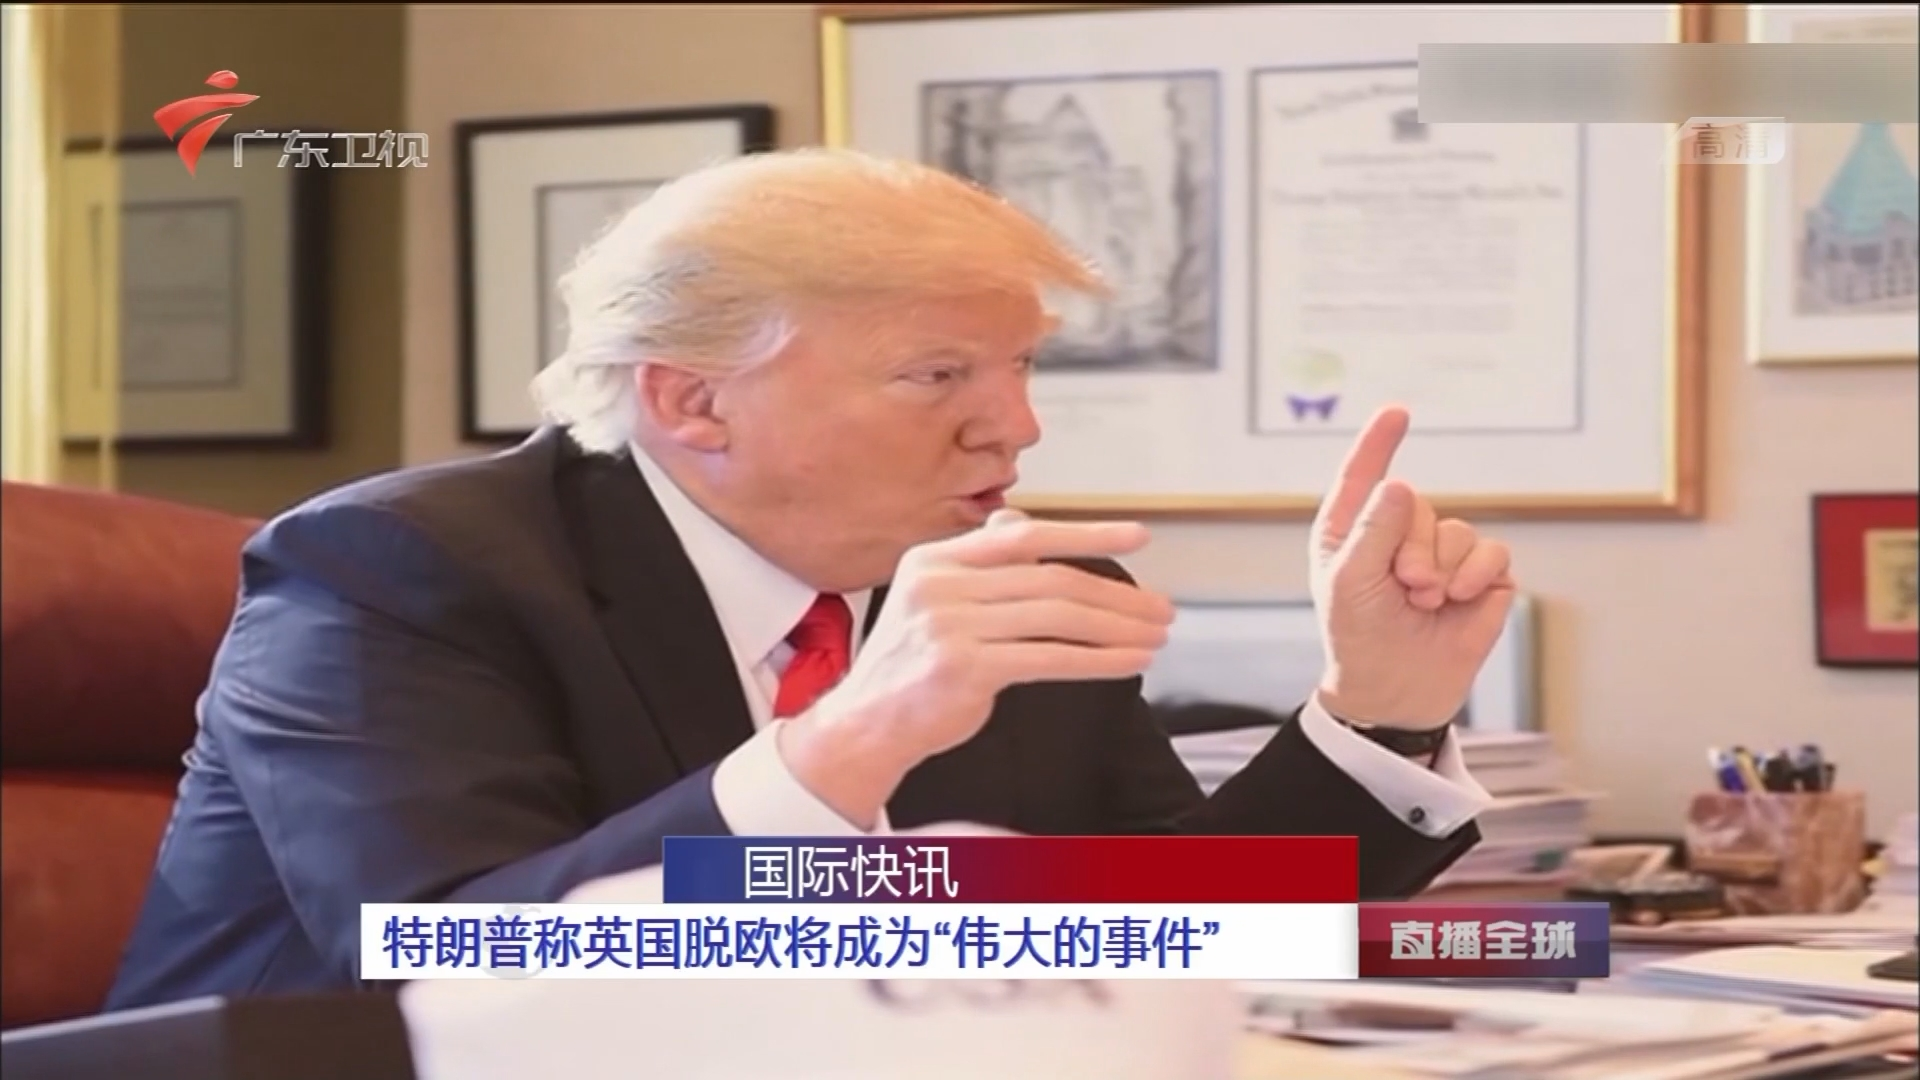 """国际快讯:特朗普称英国脱欧将成为""""伟大的事件"""""""